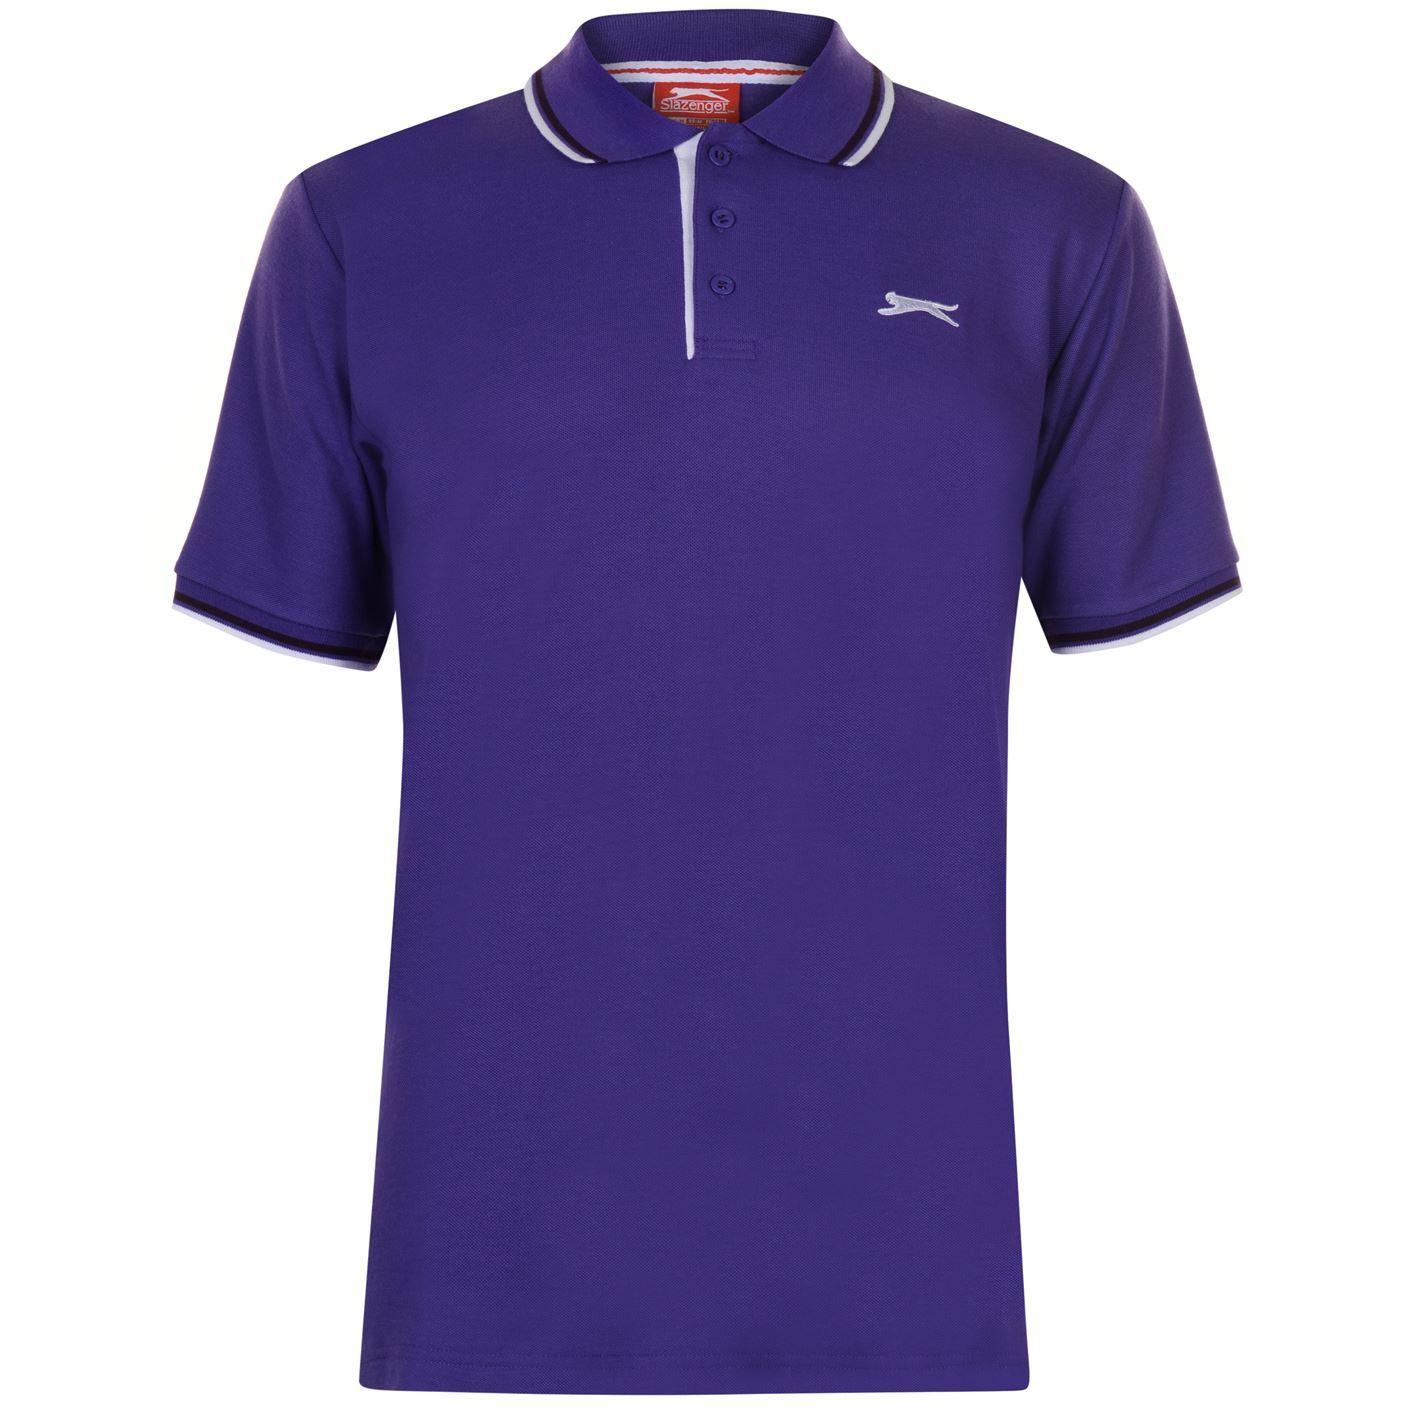 Slazenger-Polo-Camisa-de-hombre-con-cuello-con-Punta-T-Shirt-Top-Camiseta-Tee miniatura 63